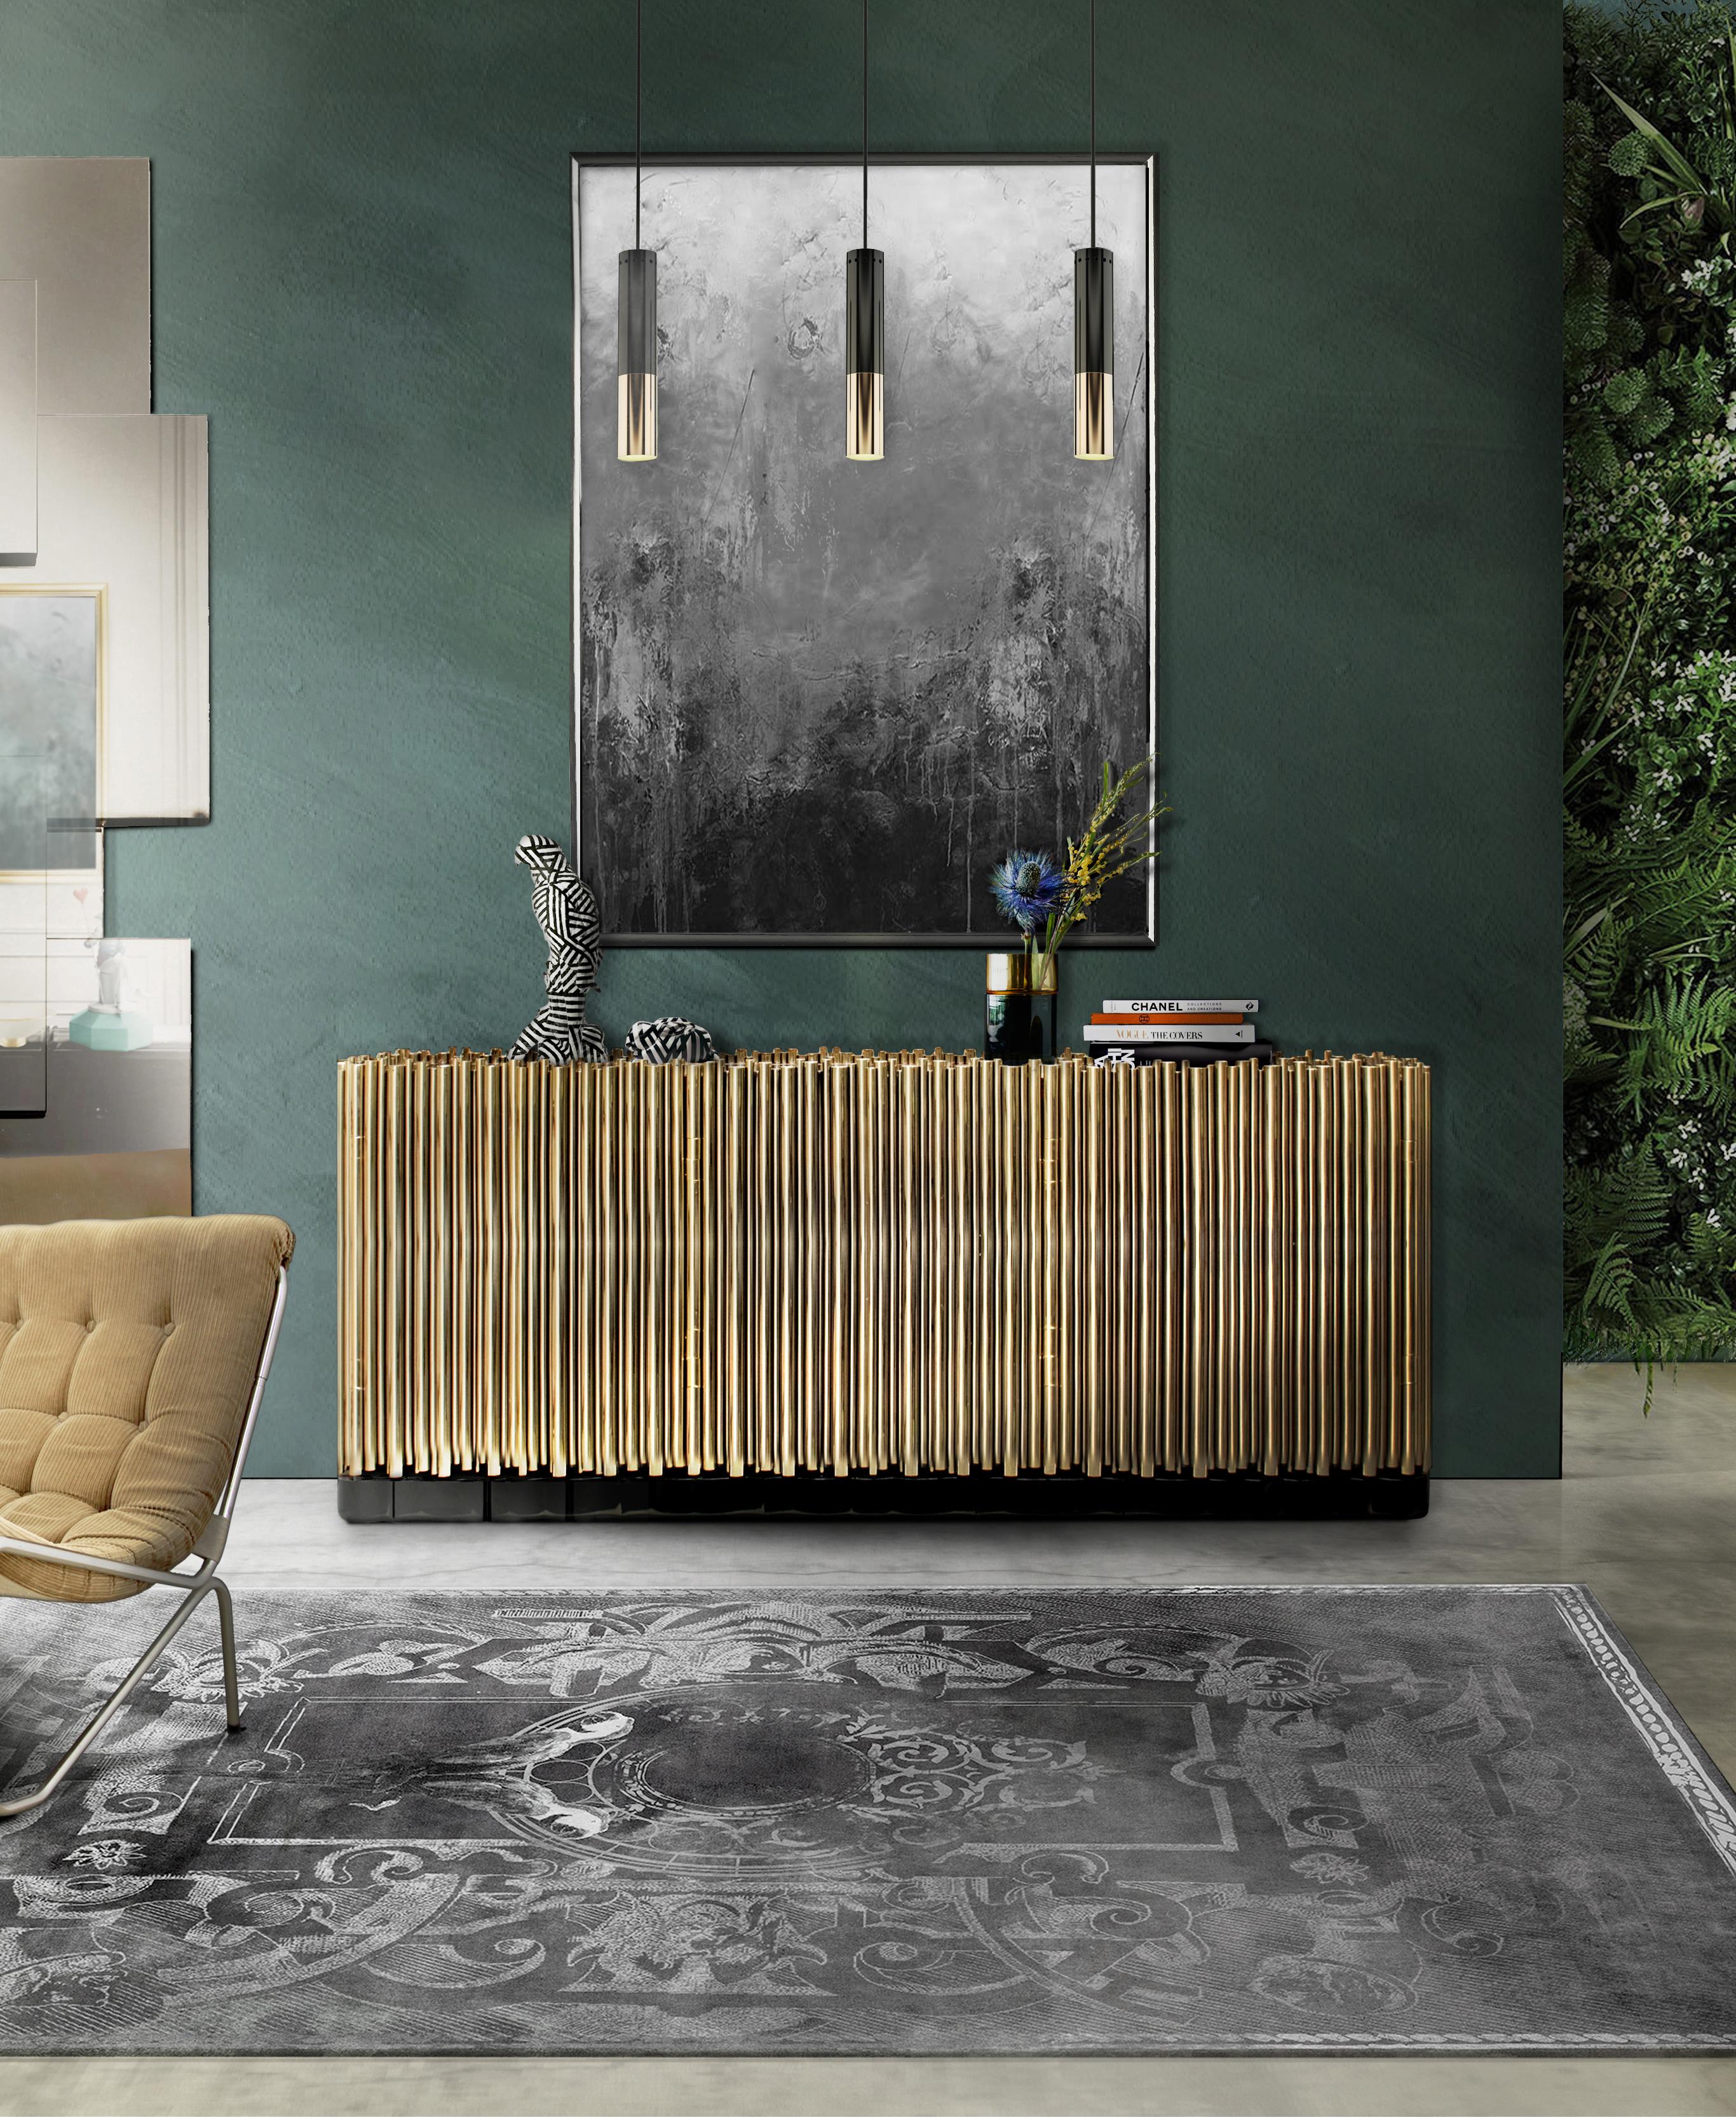 Design Möbel Einzigartige Design Möbel an die beste Reiseziele inspiriert symphony sideboard